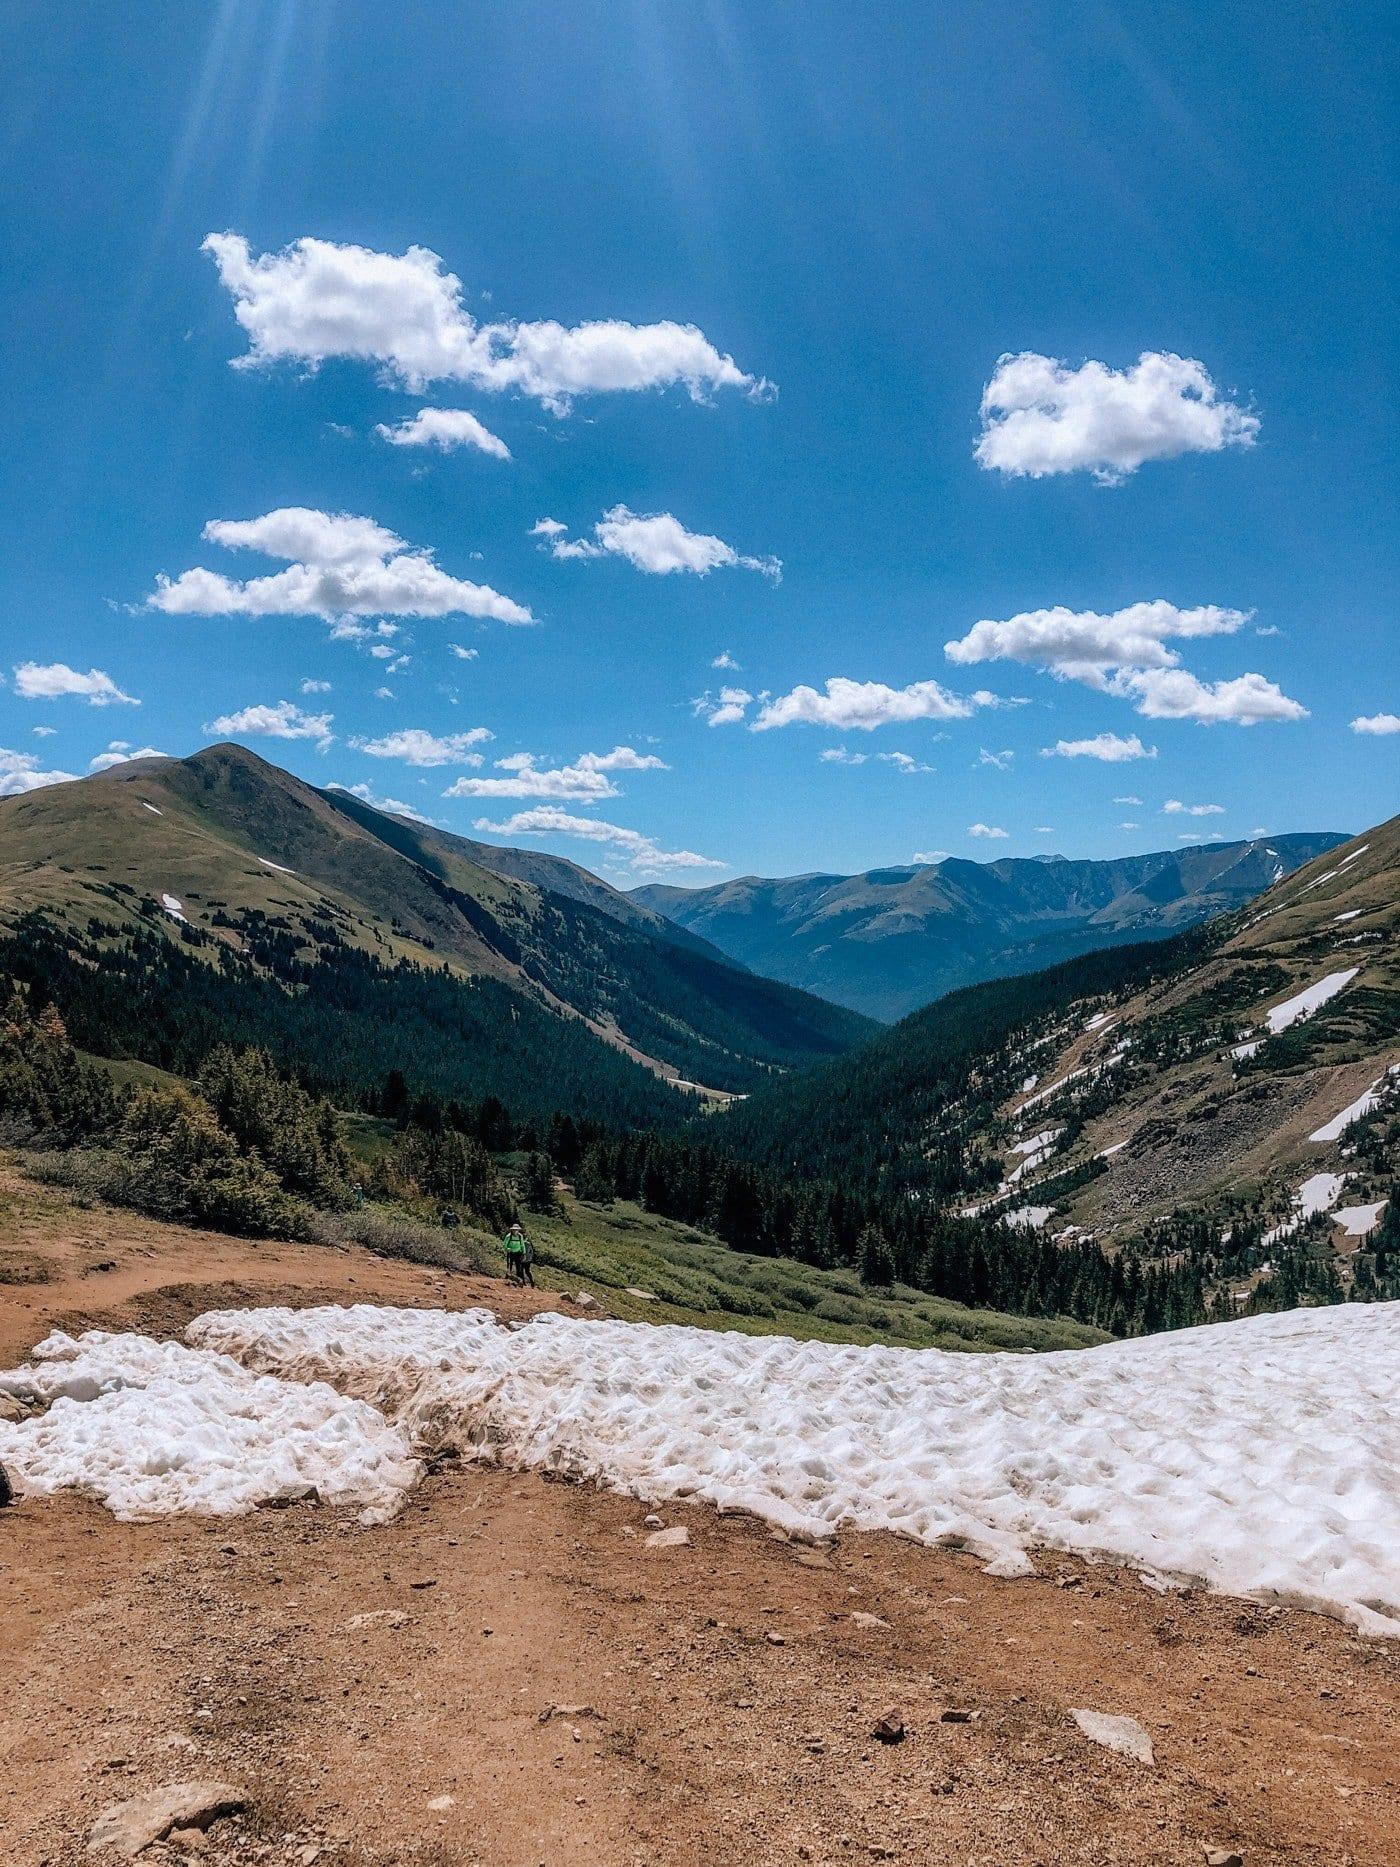 My Favorite Hikes (So far) Near Denver